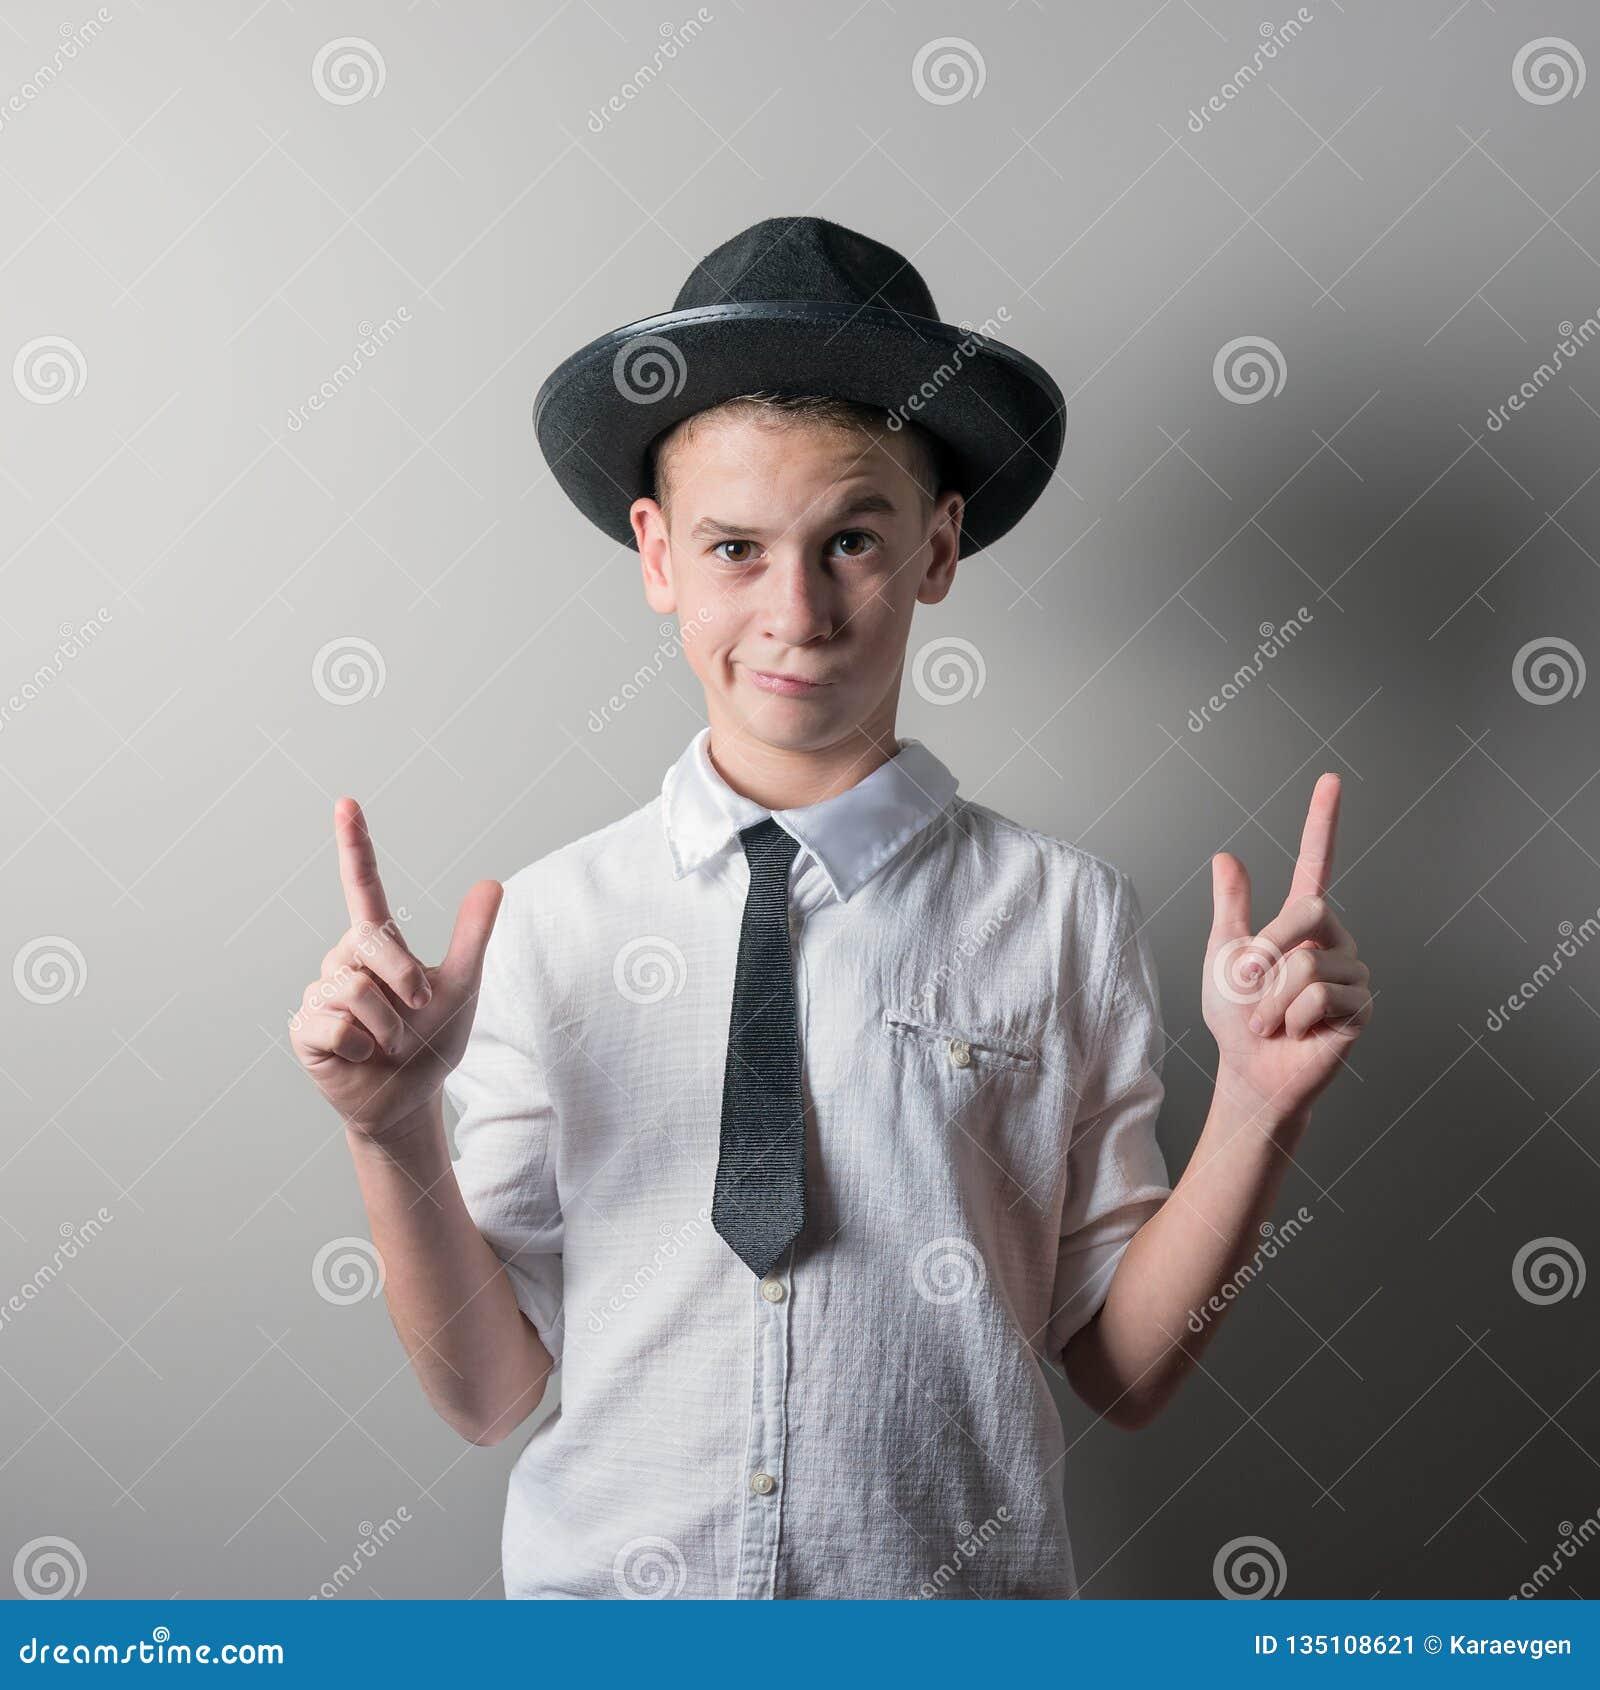 Χαριτωμένο αγόρι στο μαύρο καπέλο και λευκό πουκάμισο στο φωτεινό υπόβαθρο